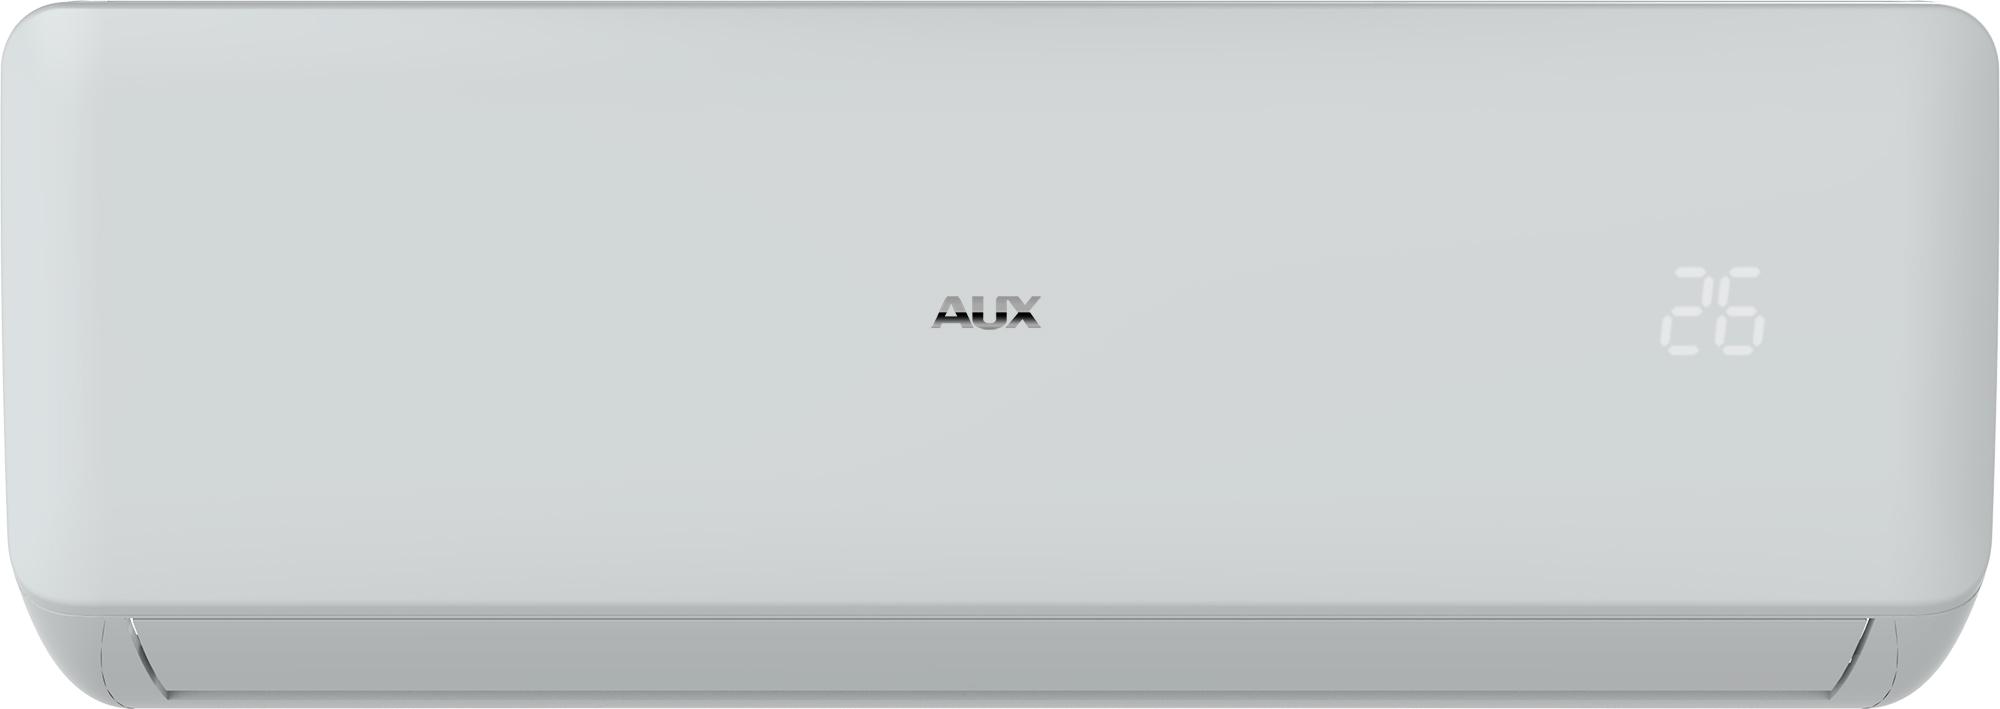 Кондиционер настенный AUX ASW-H18A4/FAR1